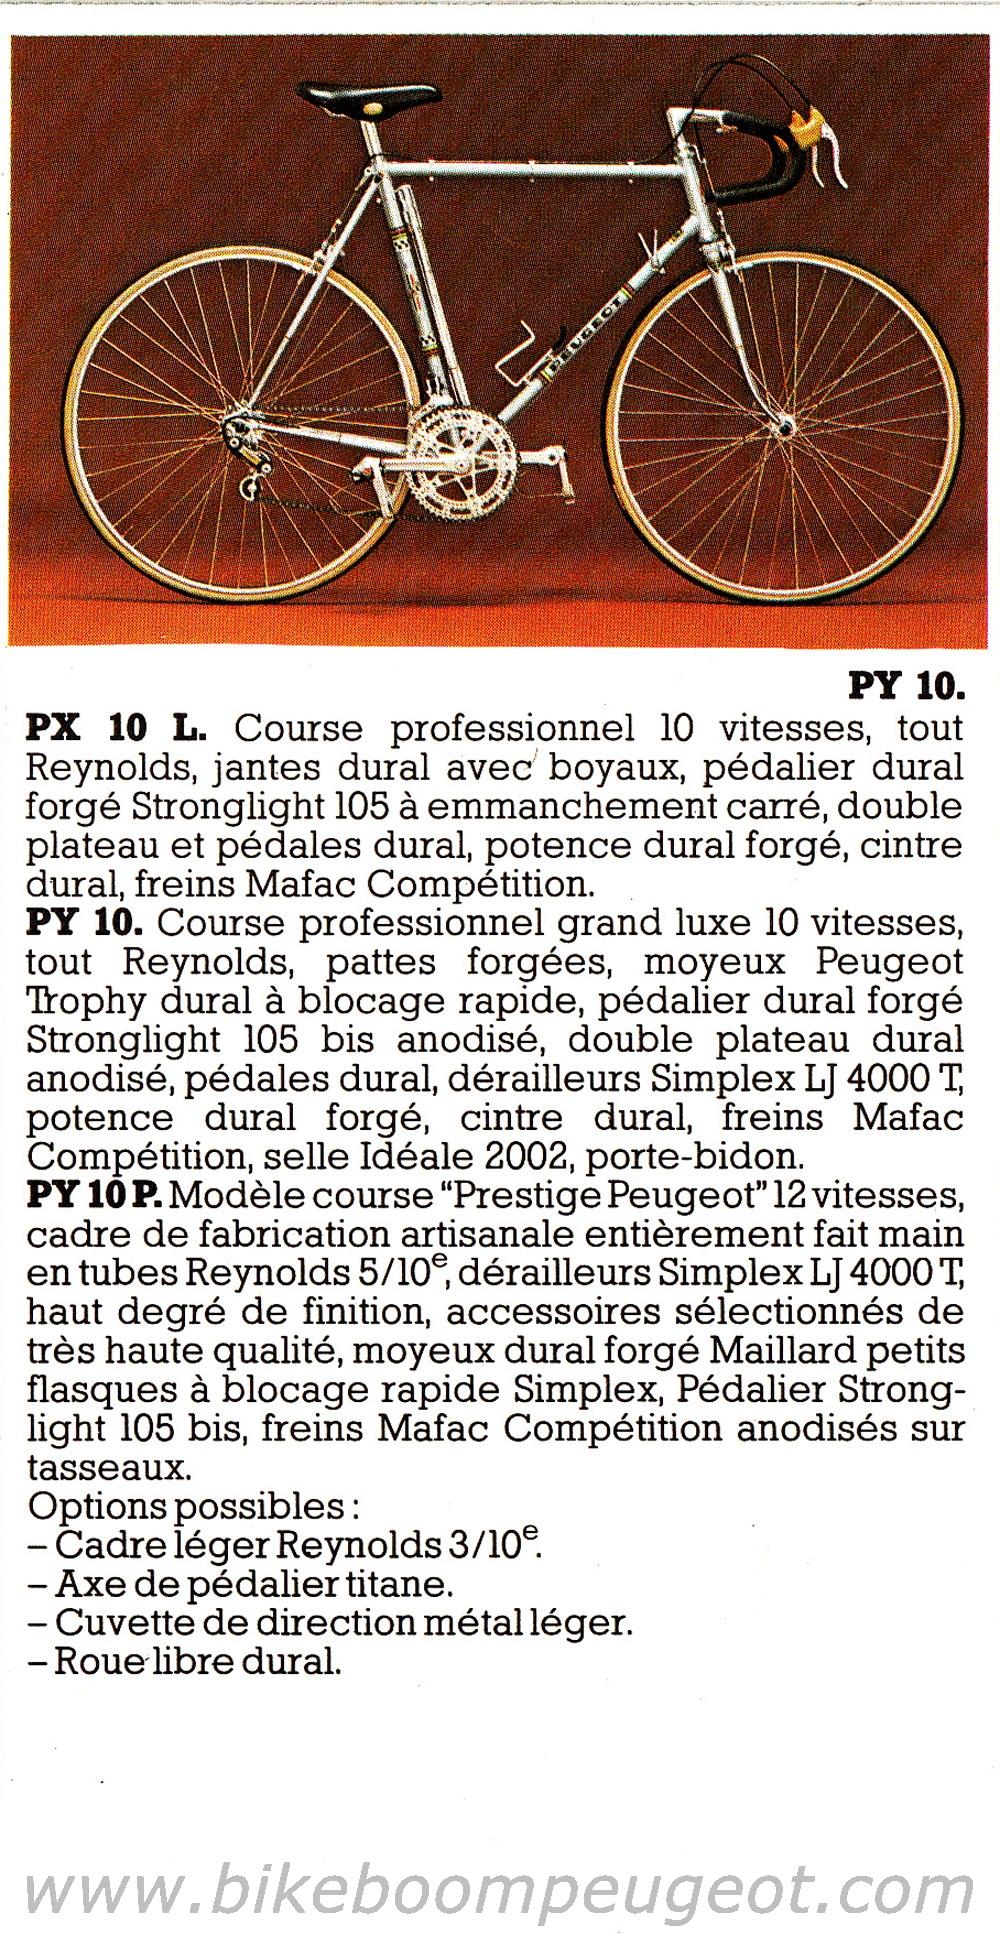 Peugeot PY10 1977 Couleur Or Peugeot%201977%20France%20Brochure%201%20Course%202